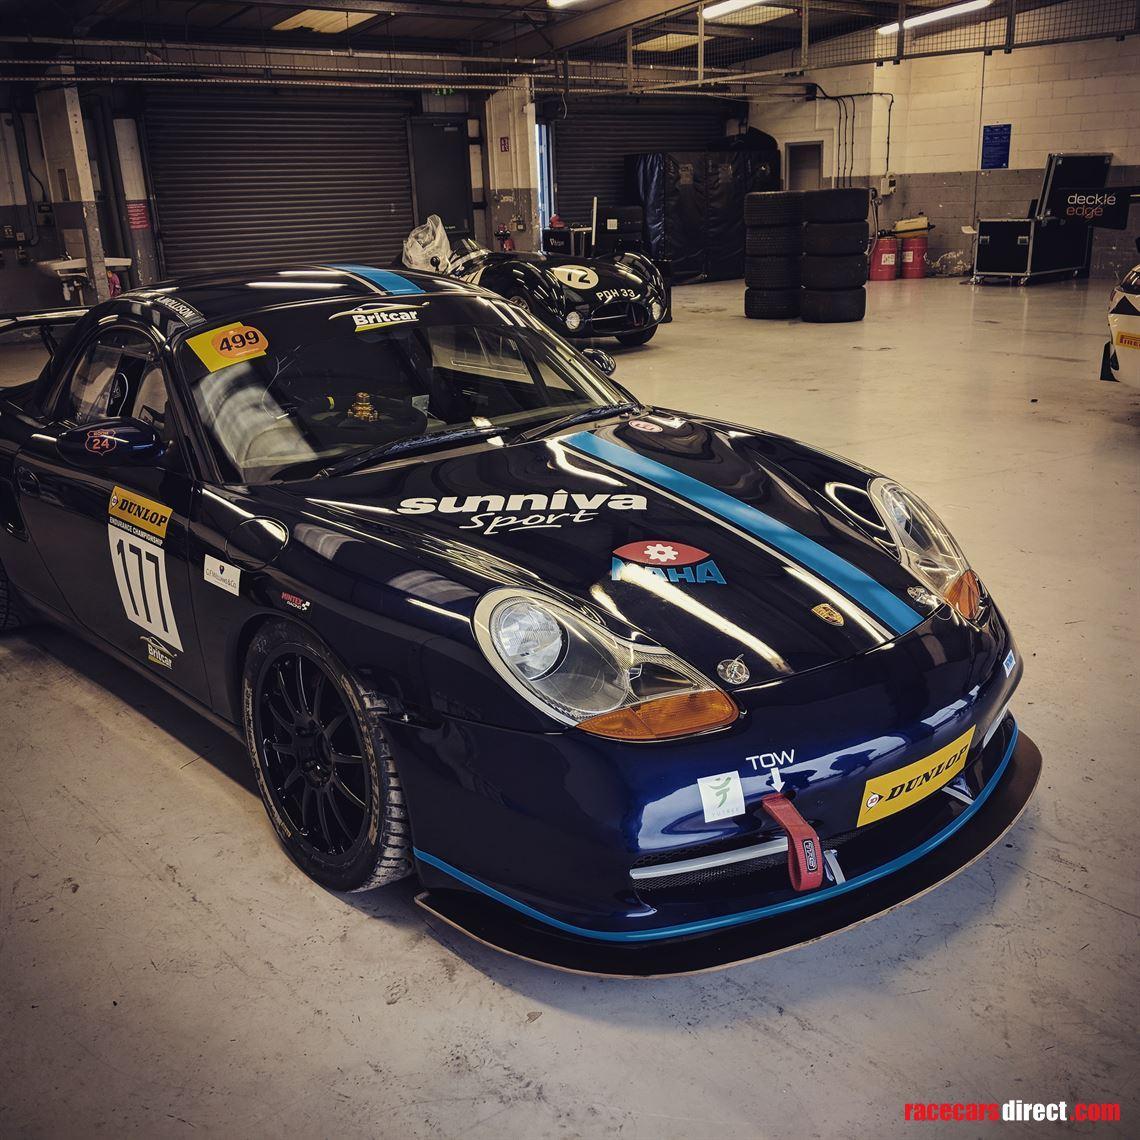 Porsche Boxster Car: Porsche 986 Boxster S